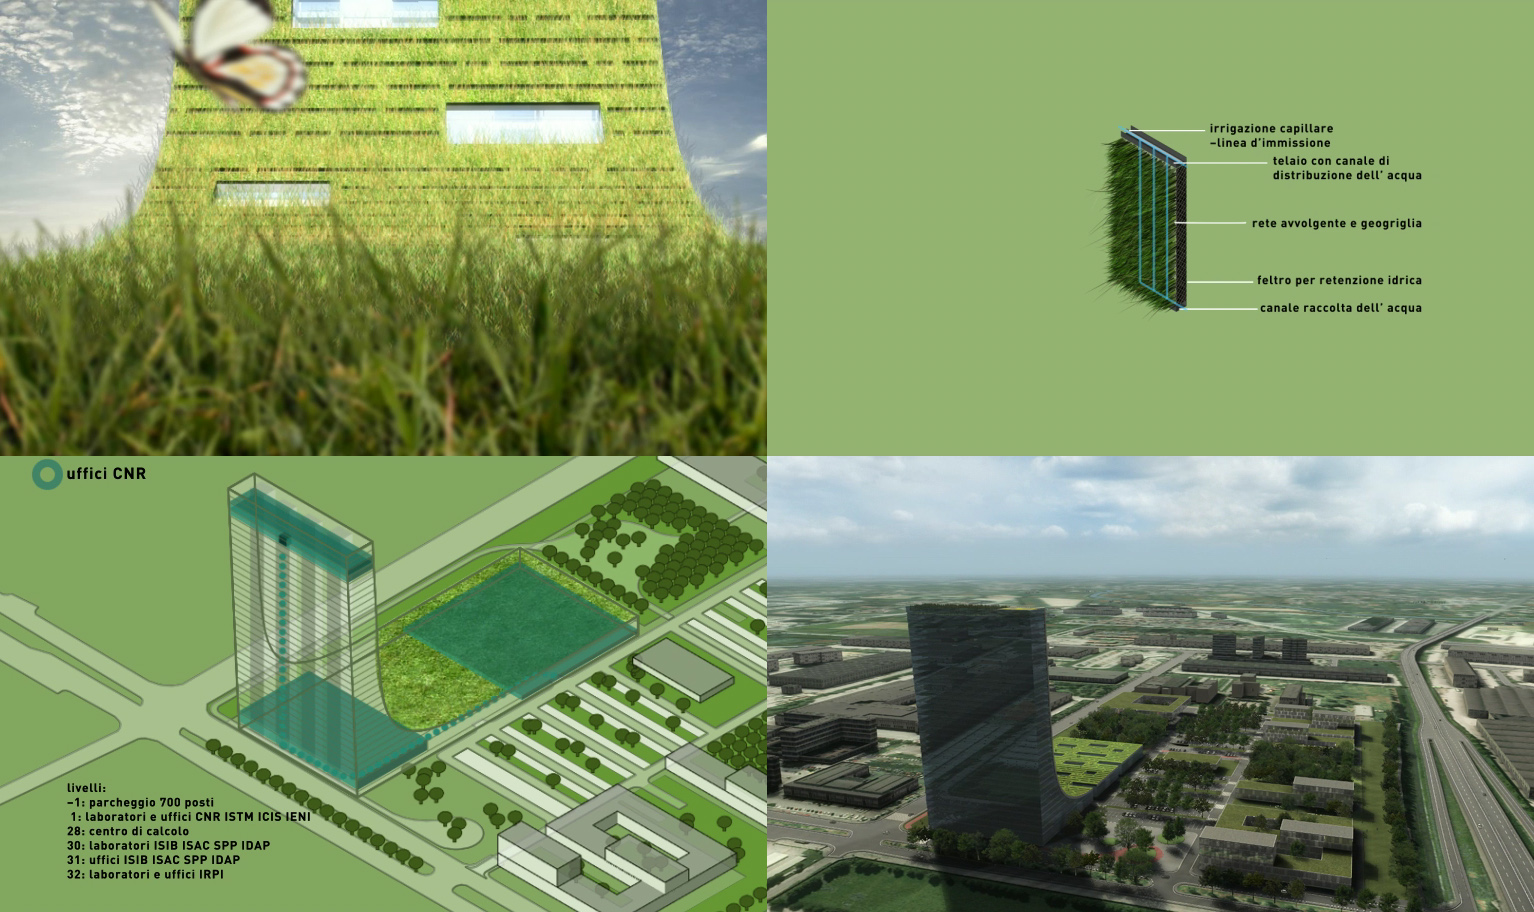 Attu studio progetti torre per la ricerca z i p for Progetti per la vendita